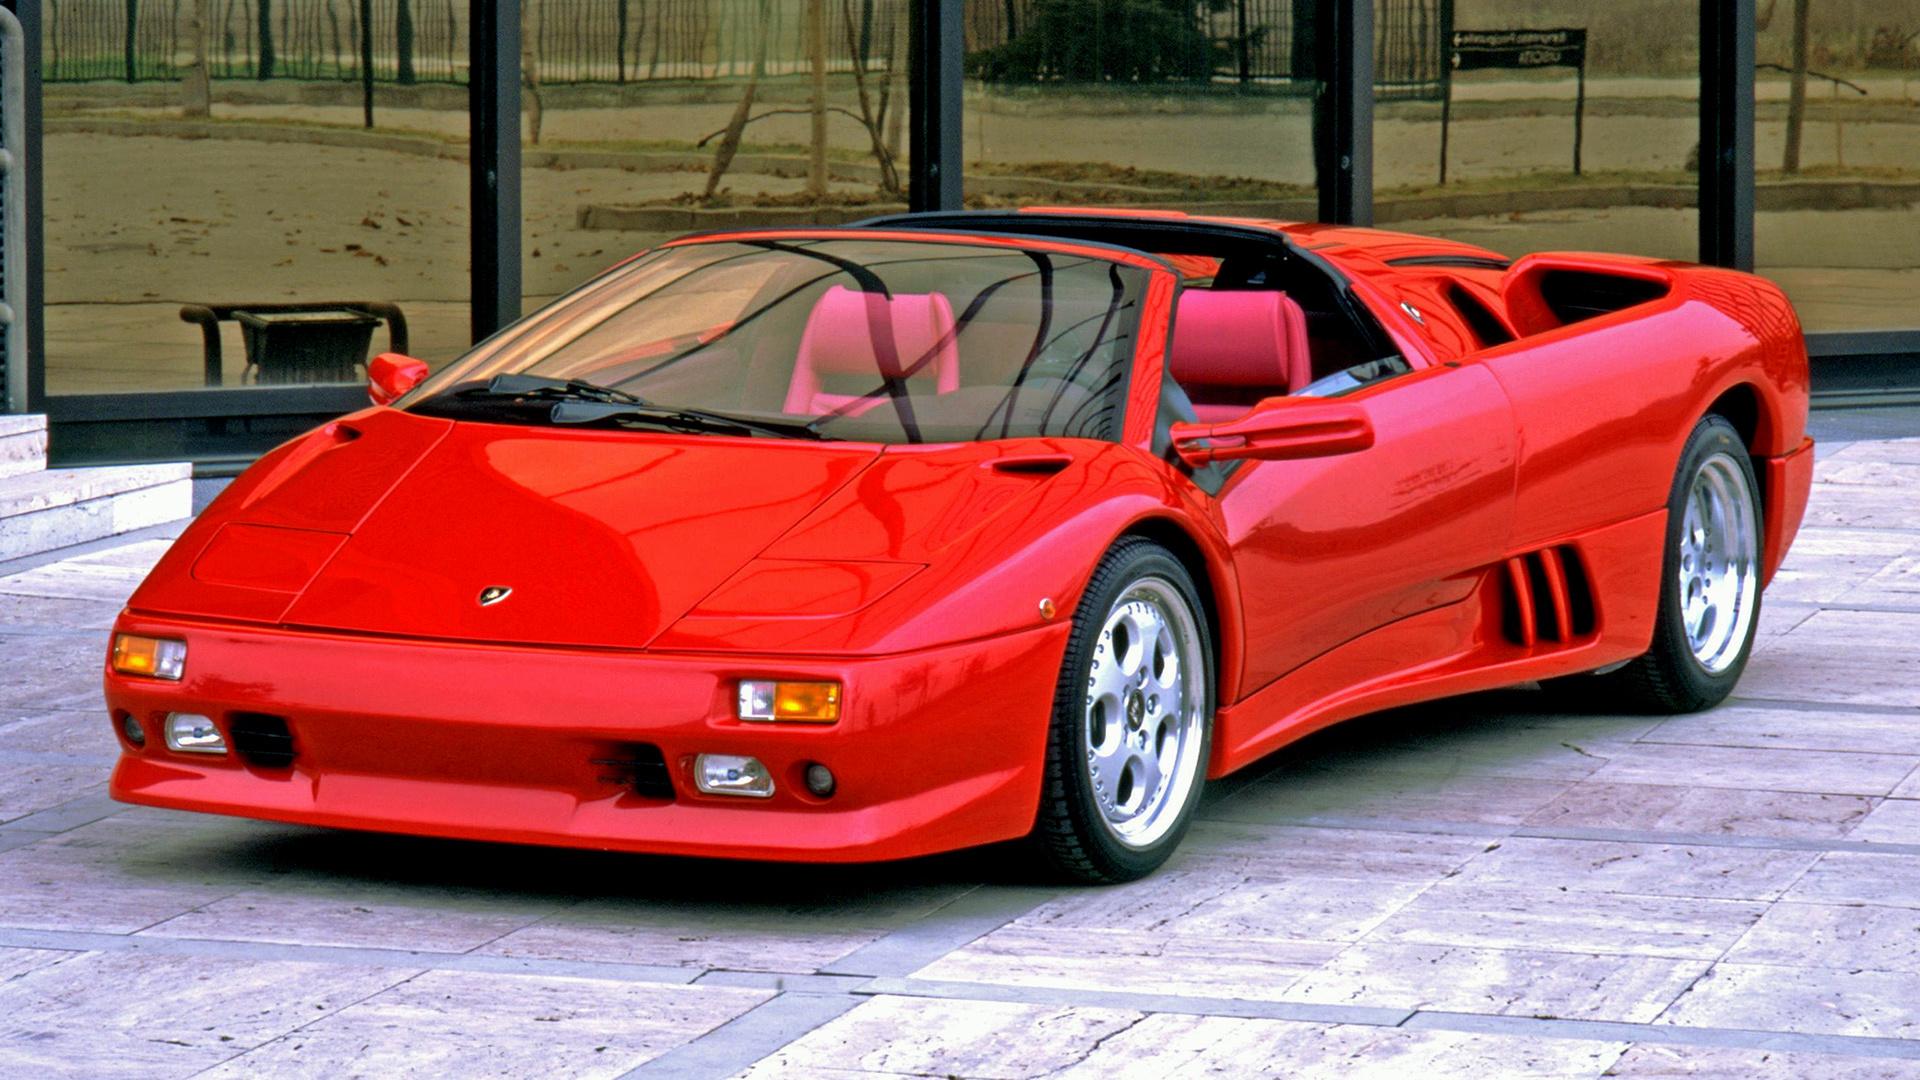 Lamborghini Diablo Vt Roadster 1995 Wallpapers And Hd